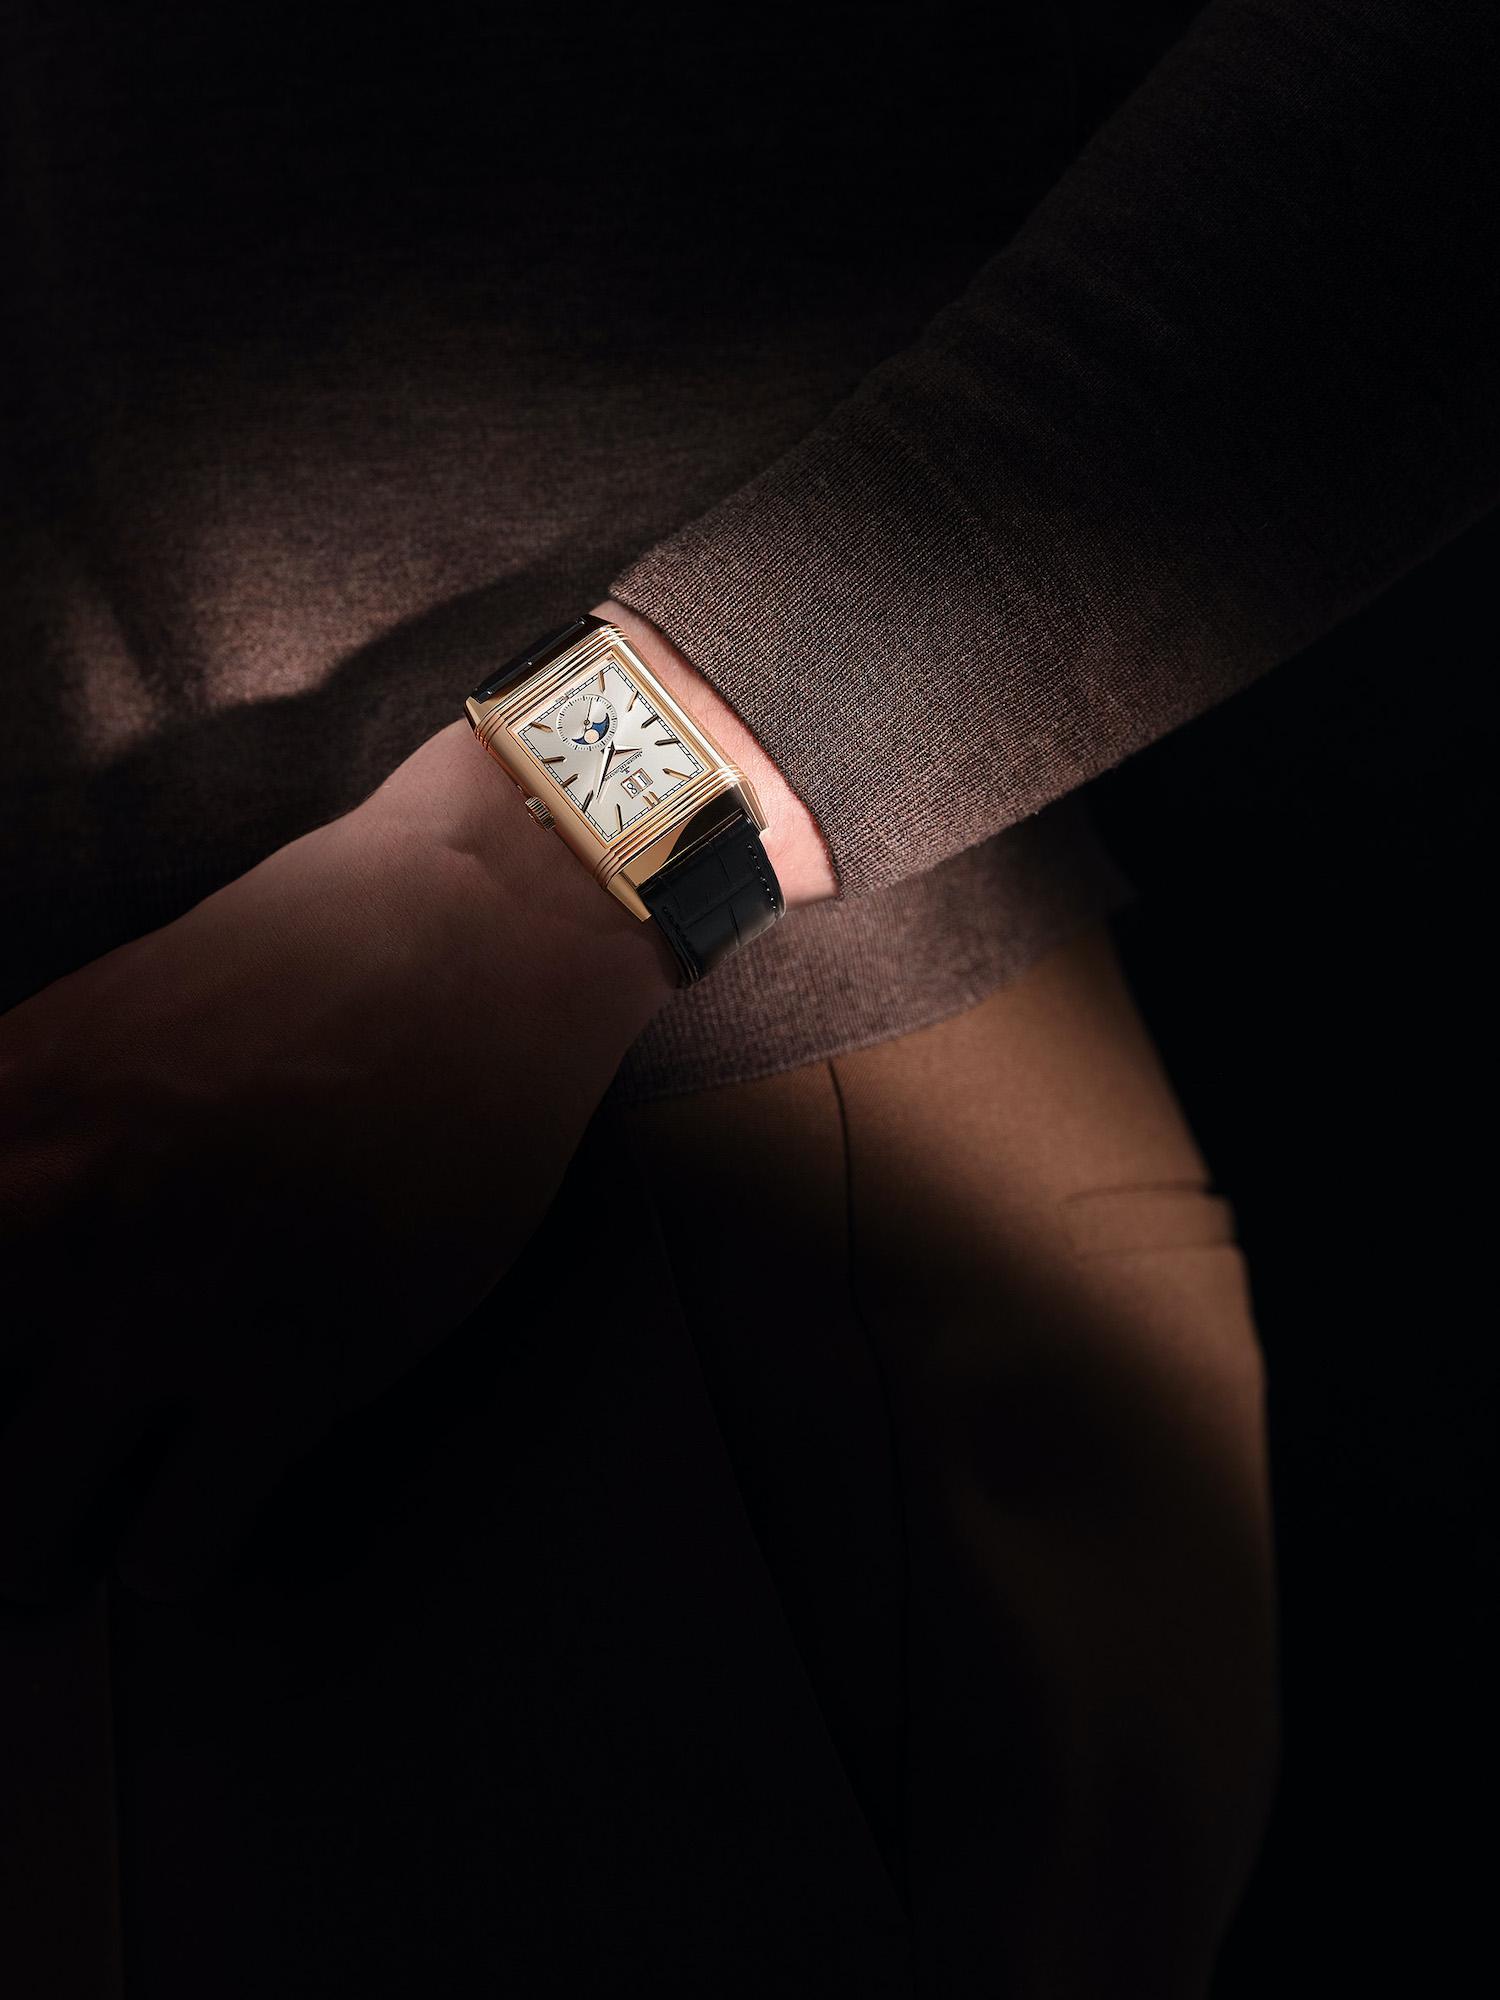 Jaeger-LeCoultre Reverso Tribute Nonantieme Q711252J Lifestyle Wristshot